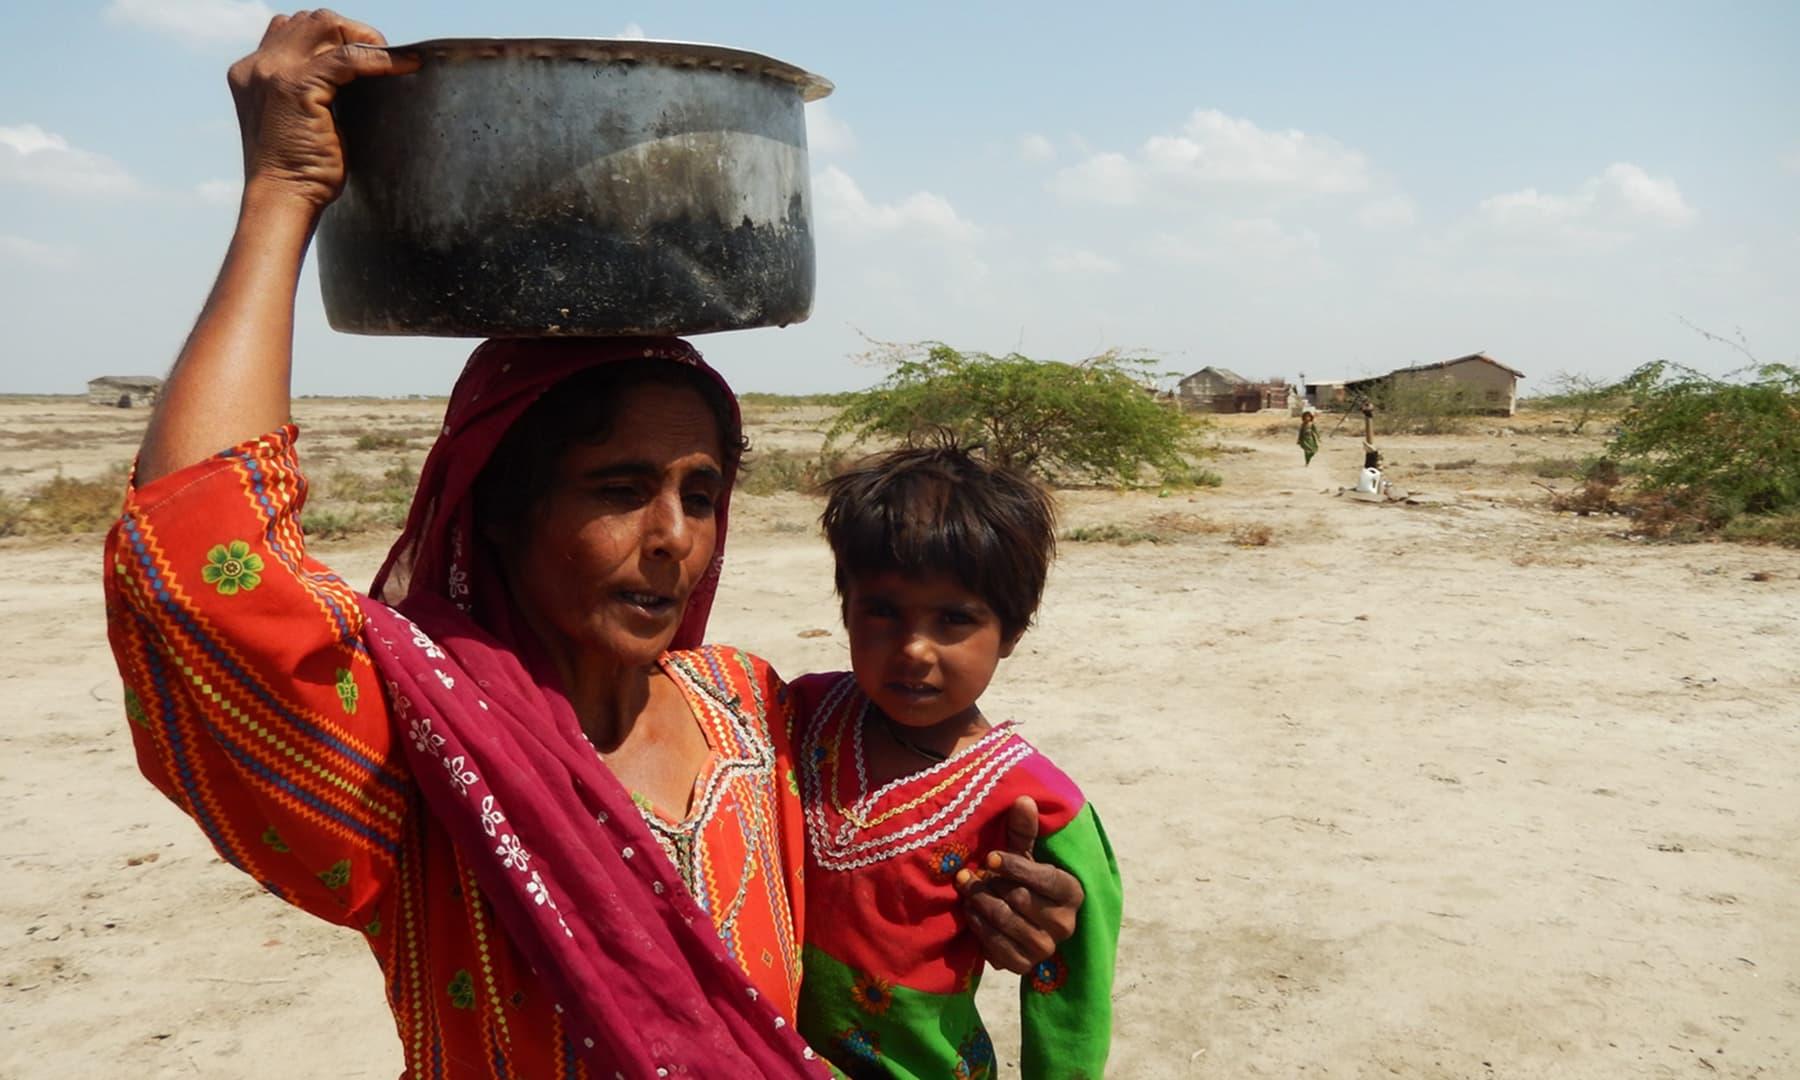 مائی قزبانو، جو اپنی اولاد کا غم بھول نہیں پائی ہے— تصویر ابوبکر شیخ